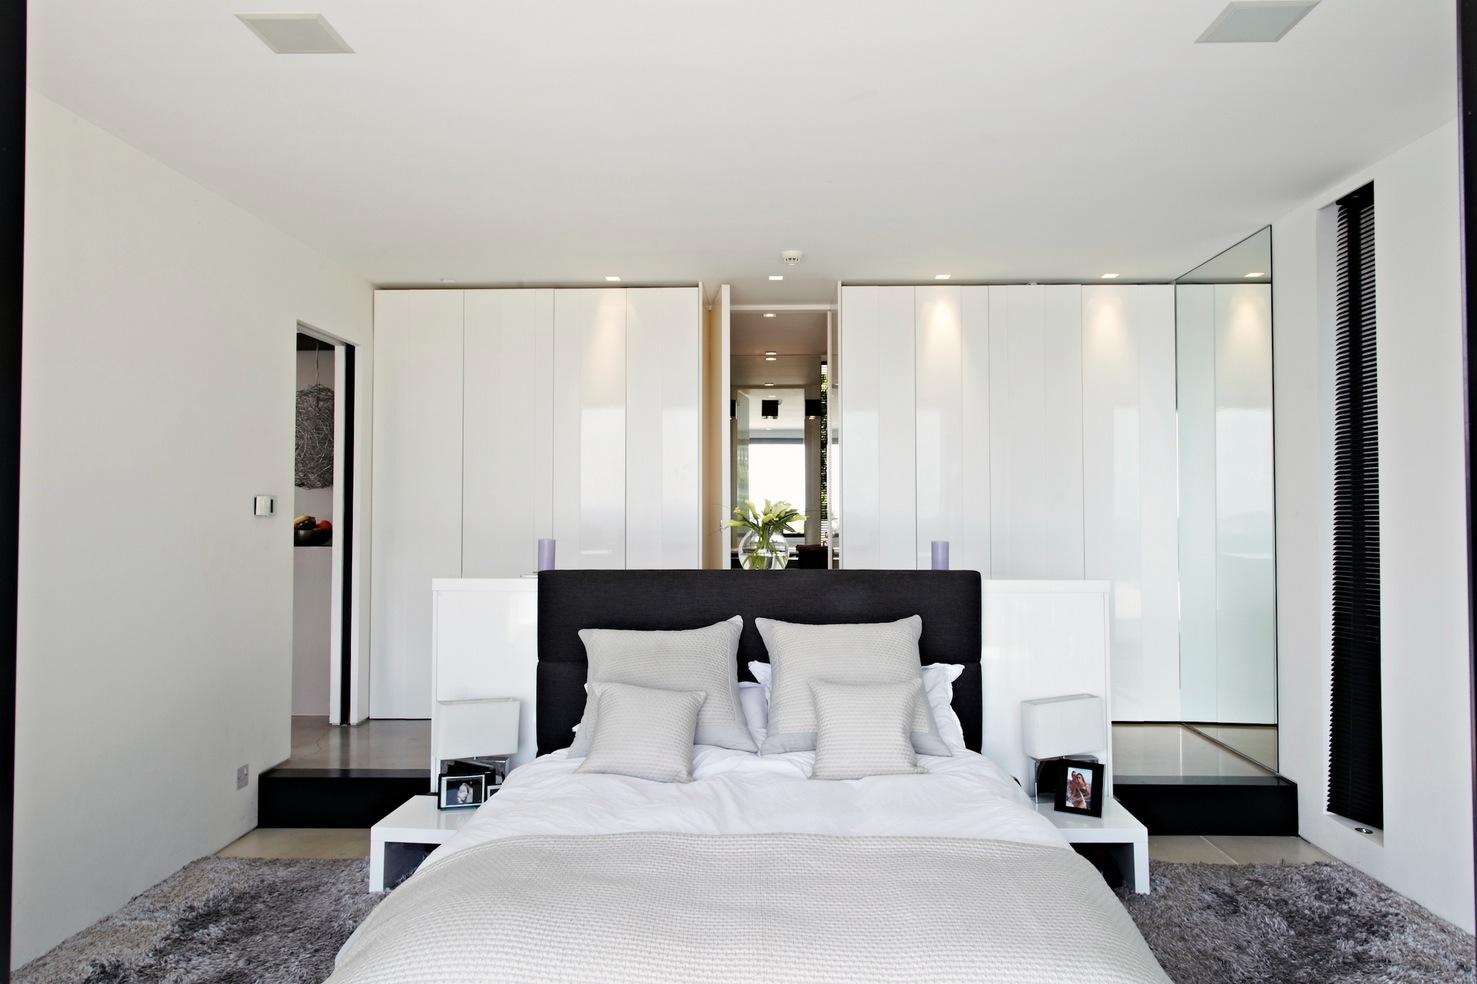 41 White Bedroom Interior Design Ideas & Pictures